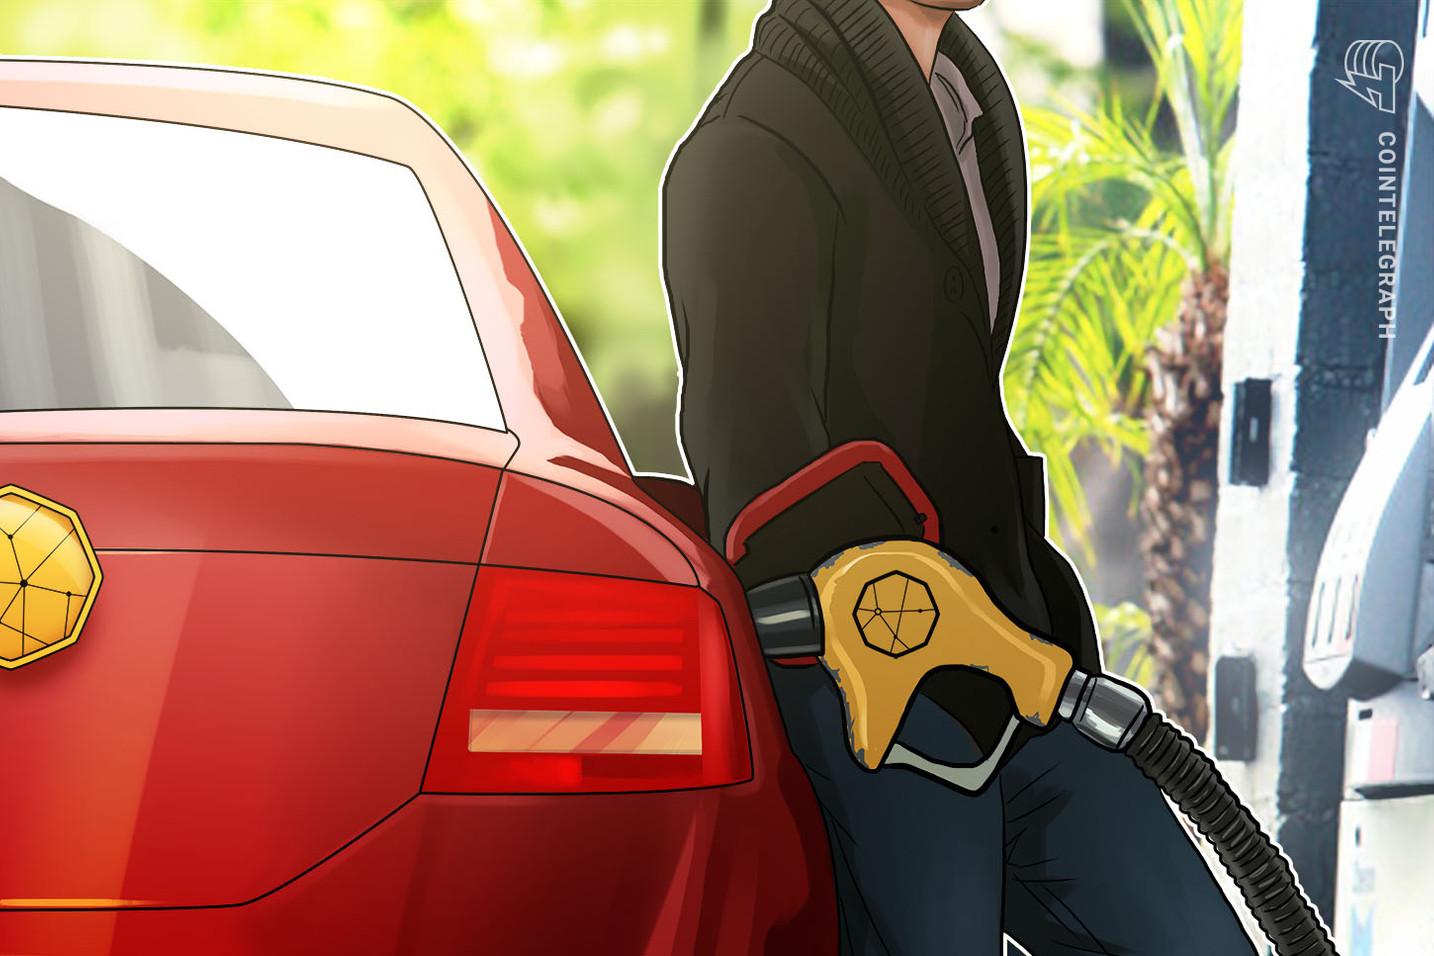 Australia: rimborso del 20% in criptovalute per chi acquista carburante nelle stazioni United Petrol